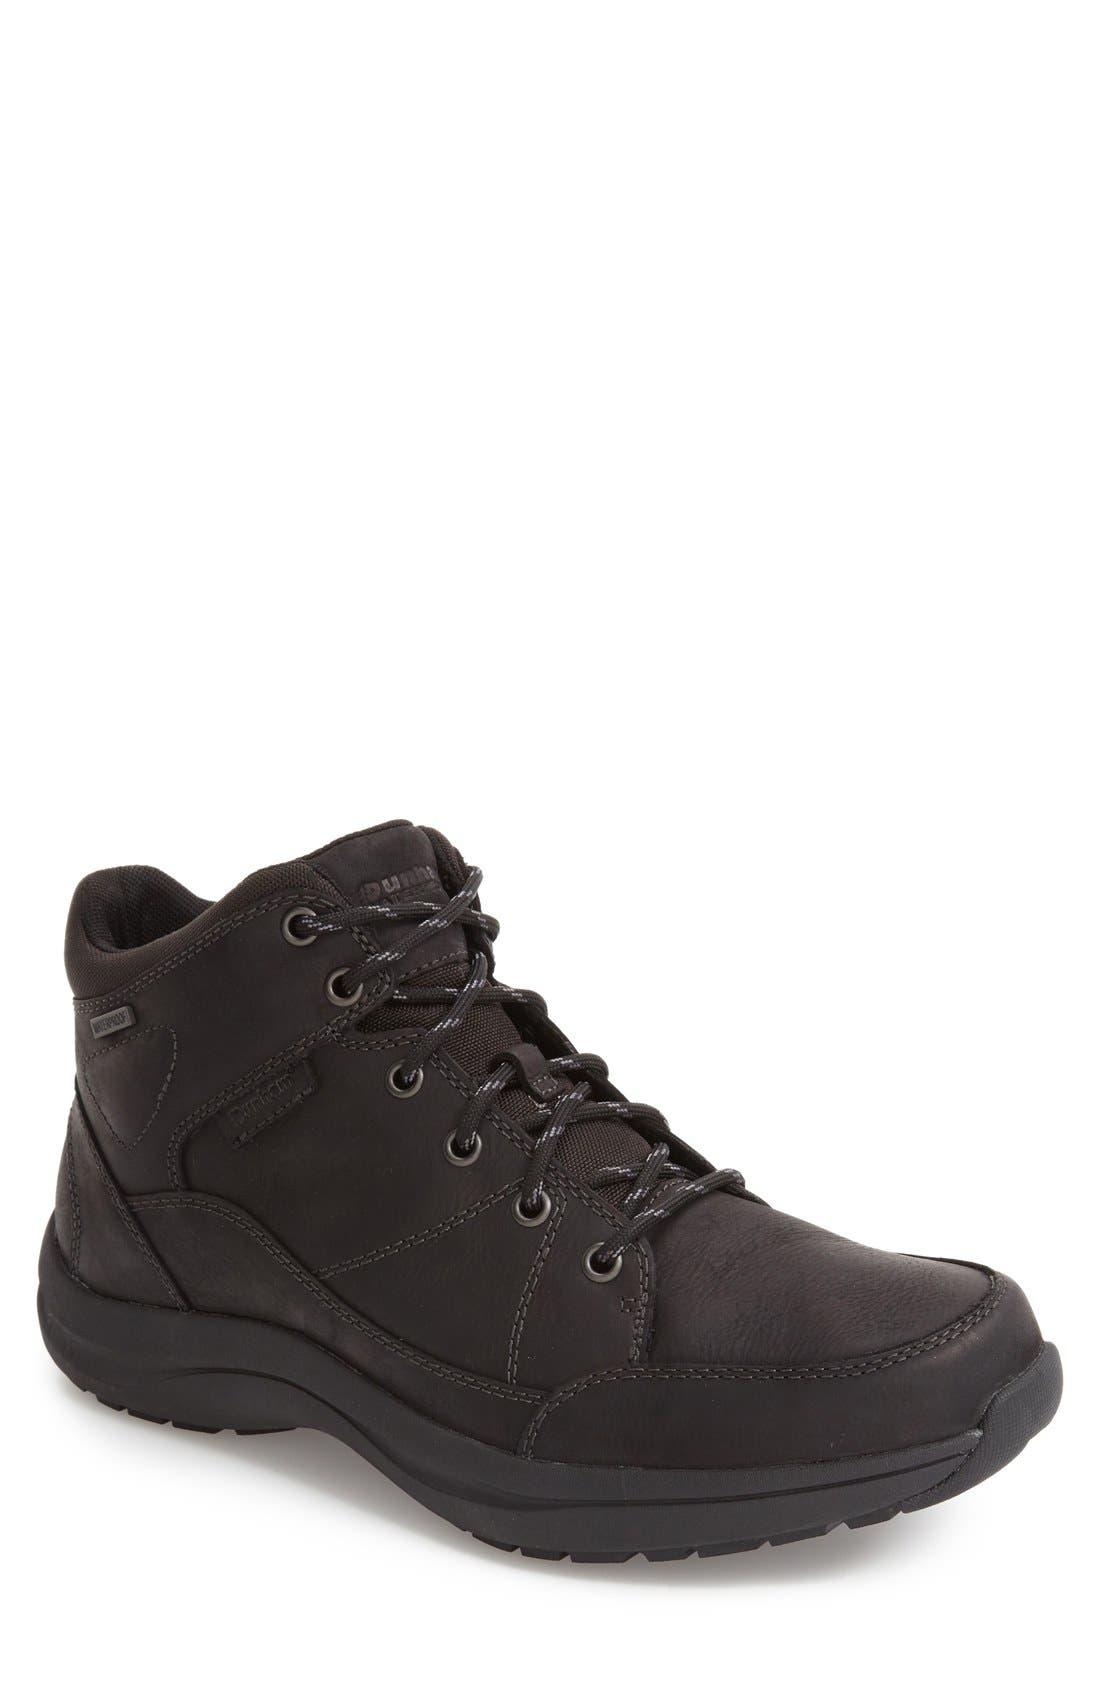 Dunham Simon-Dun Waterproof Boot